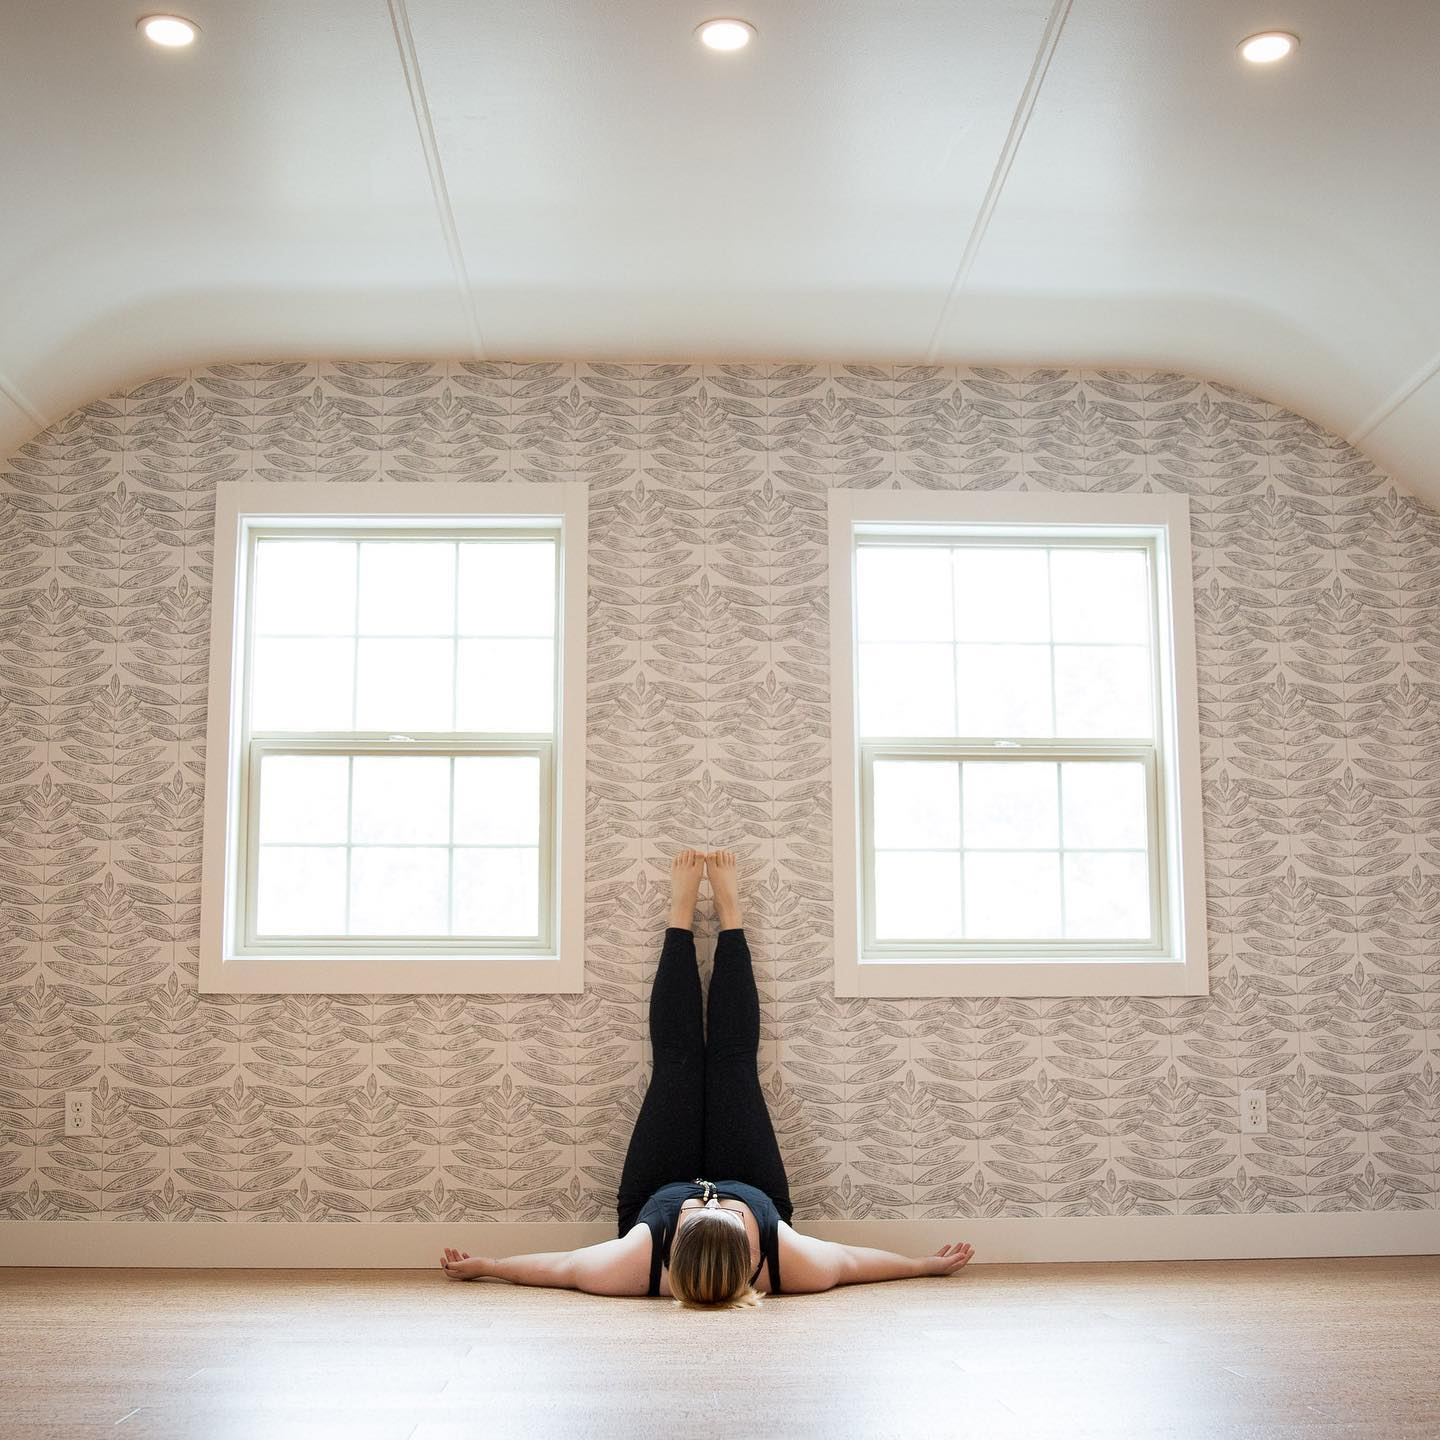 Aya Yoga Oasis